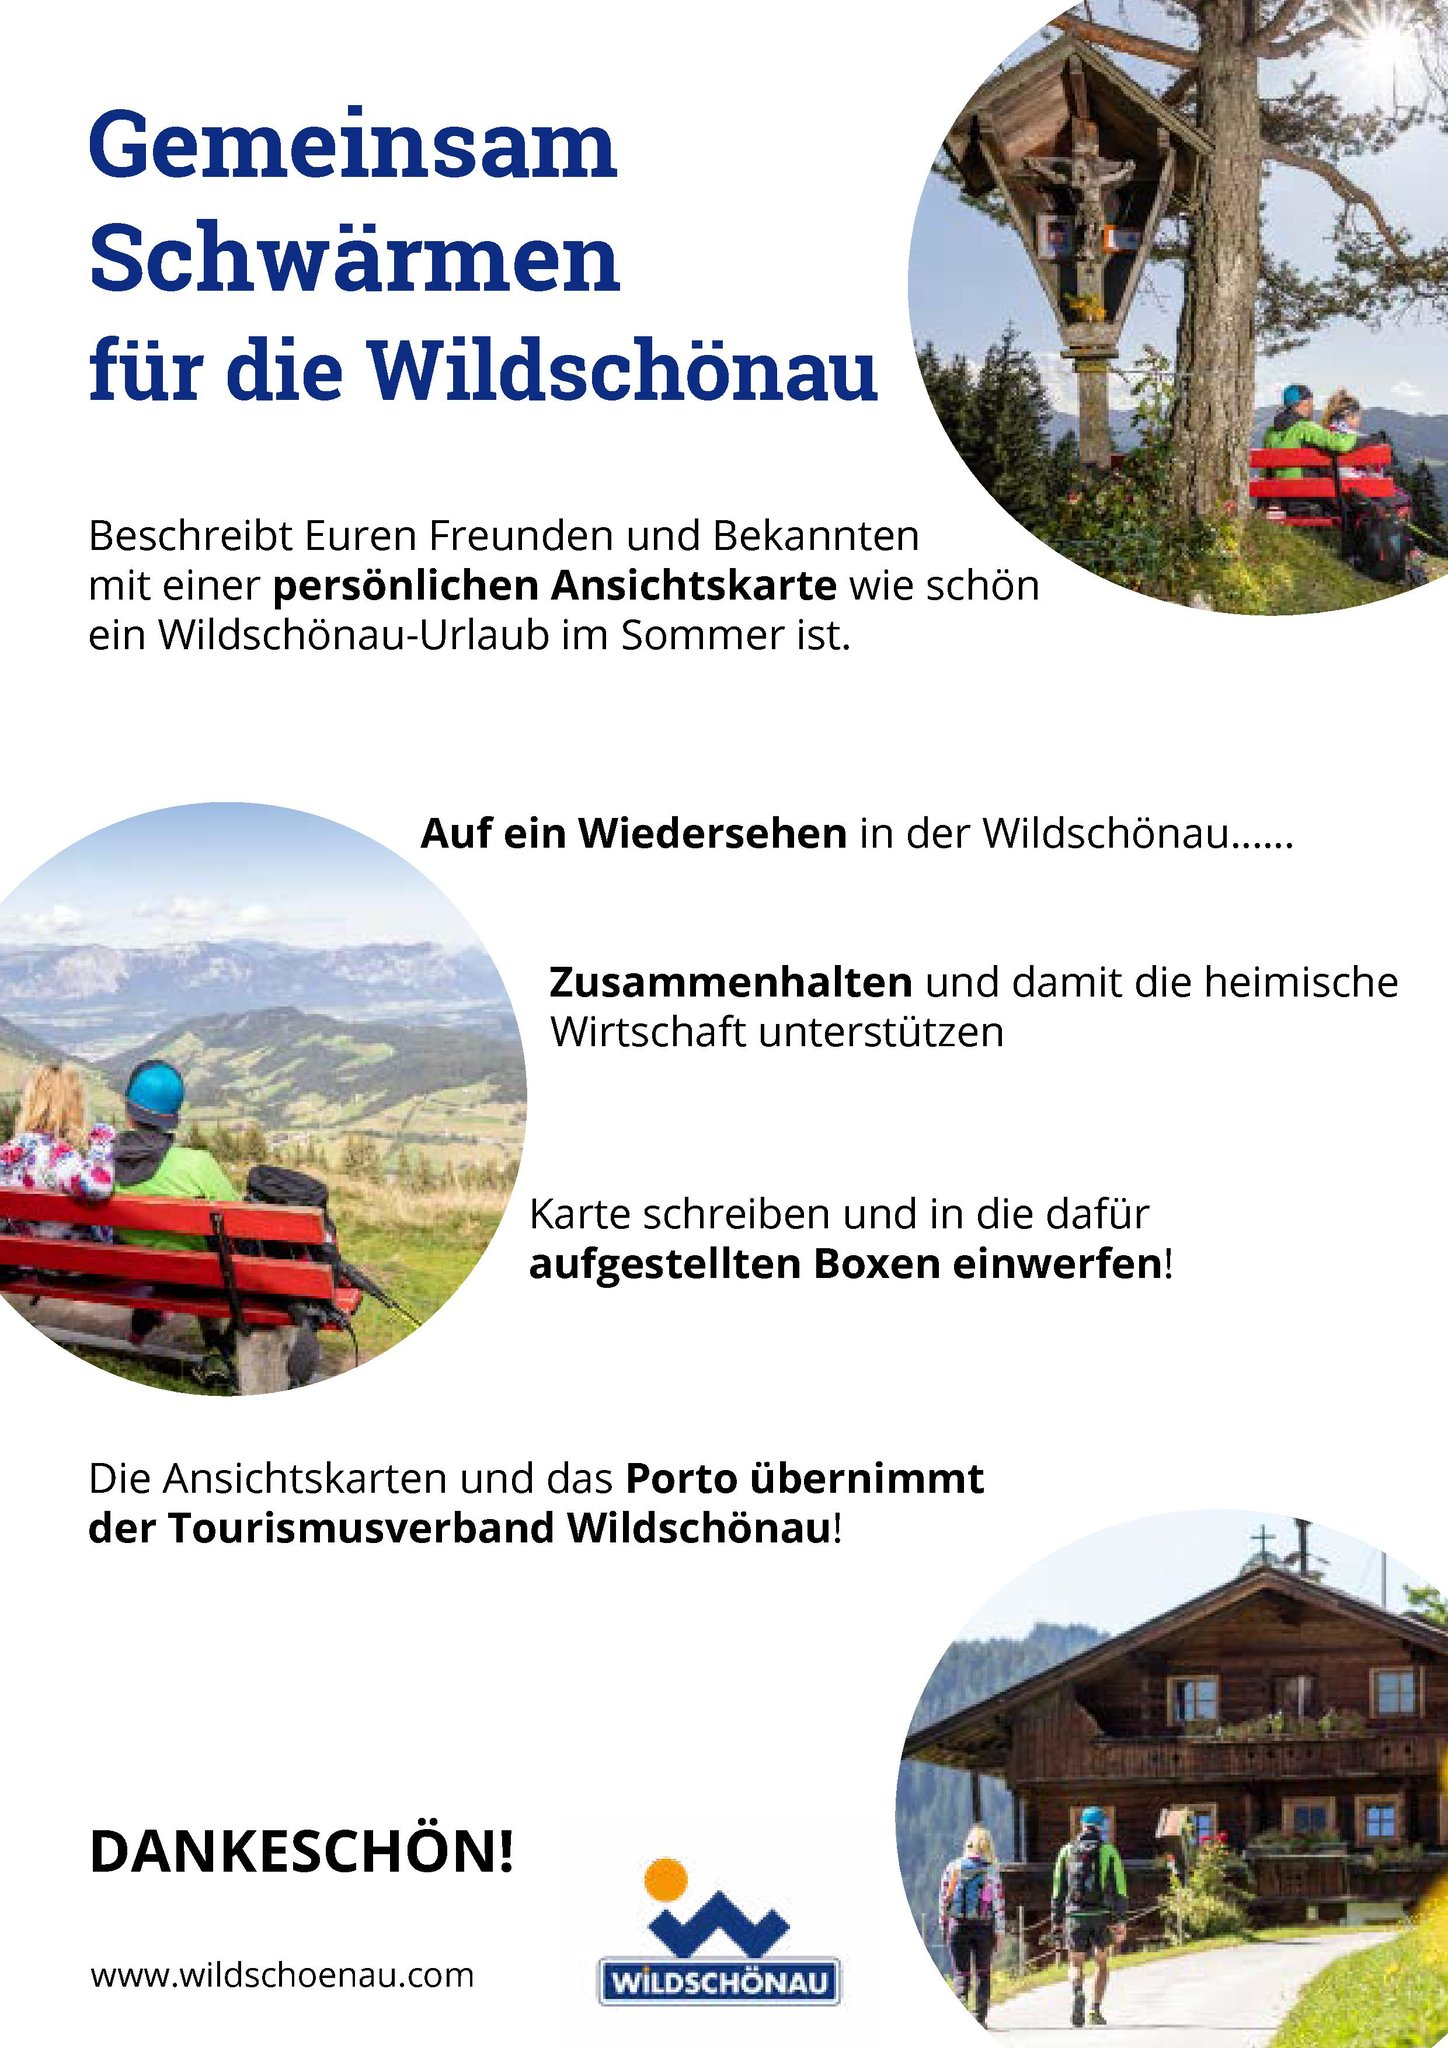 Wildschnau dating agentur: Kostenlose partnervermittlung